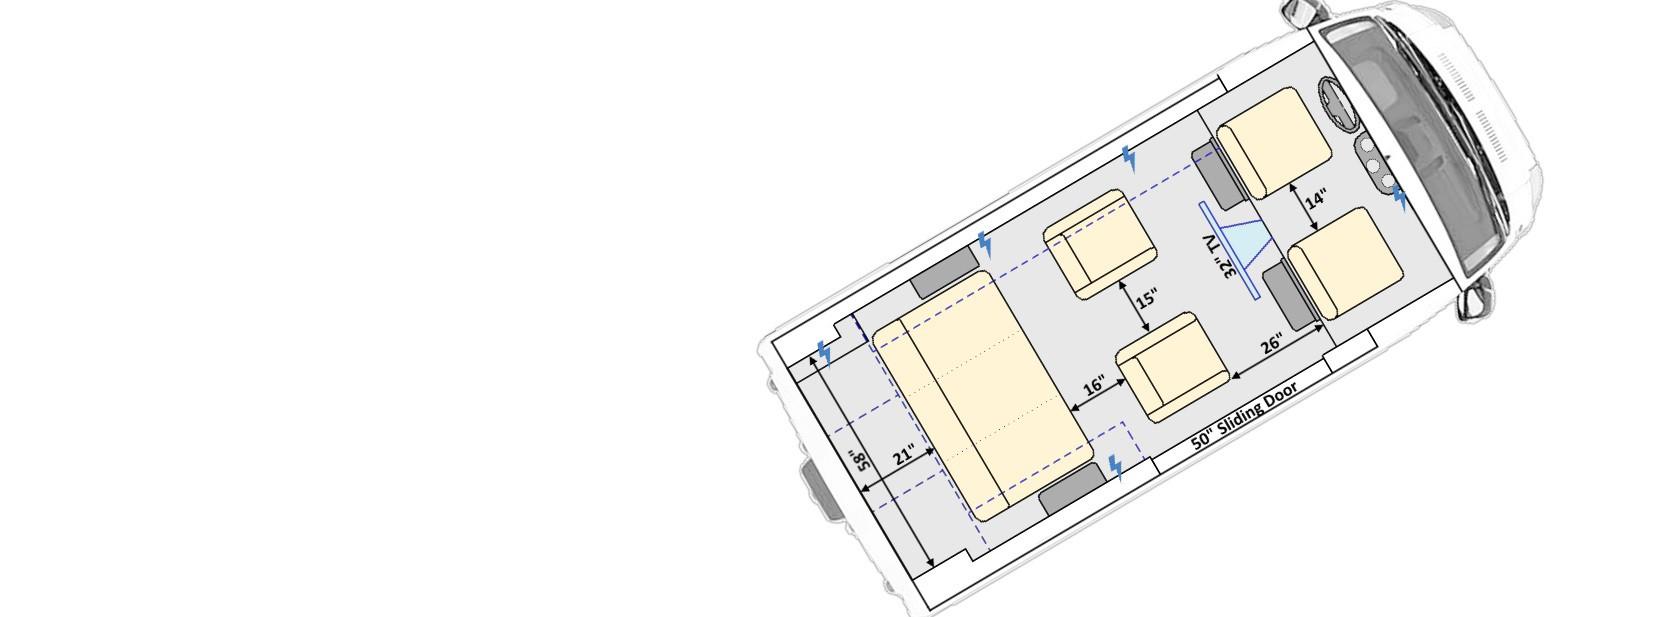 Ram Promaster 2500 Interior Dimensions